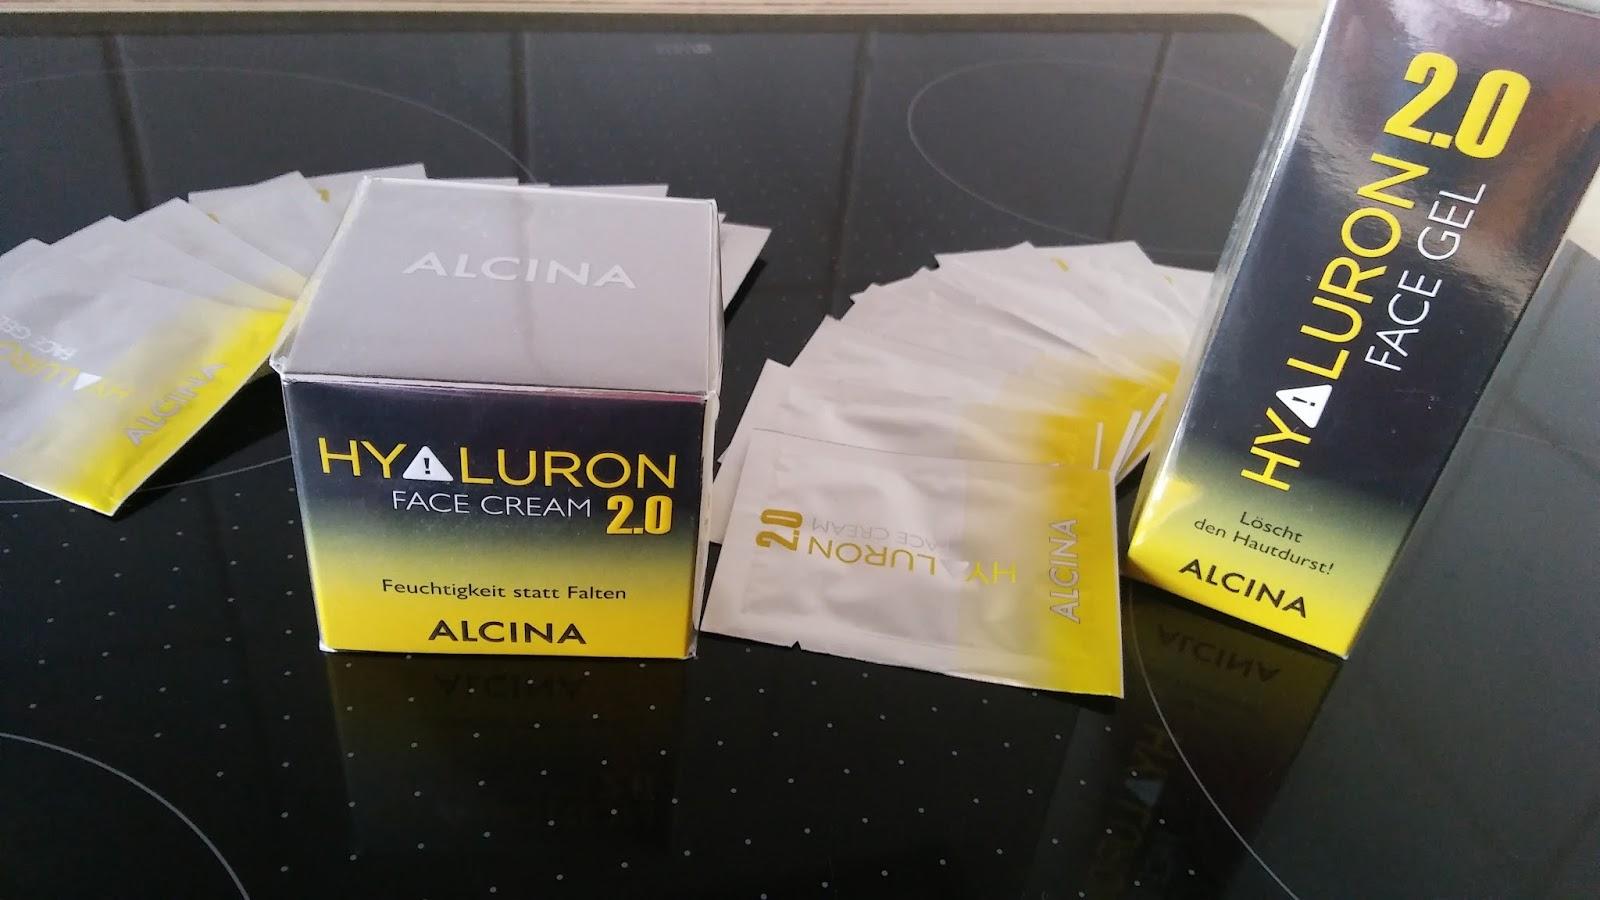 Engel 2016 Testet Gern Alcina Hyaluron 20 Face Gel Und Hyaluron